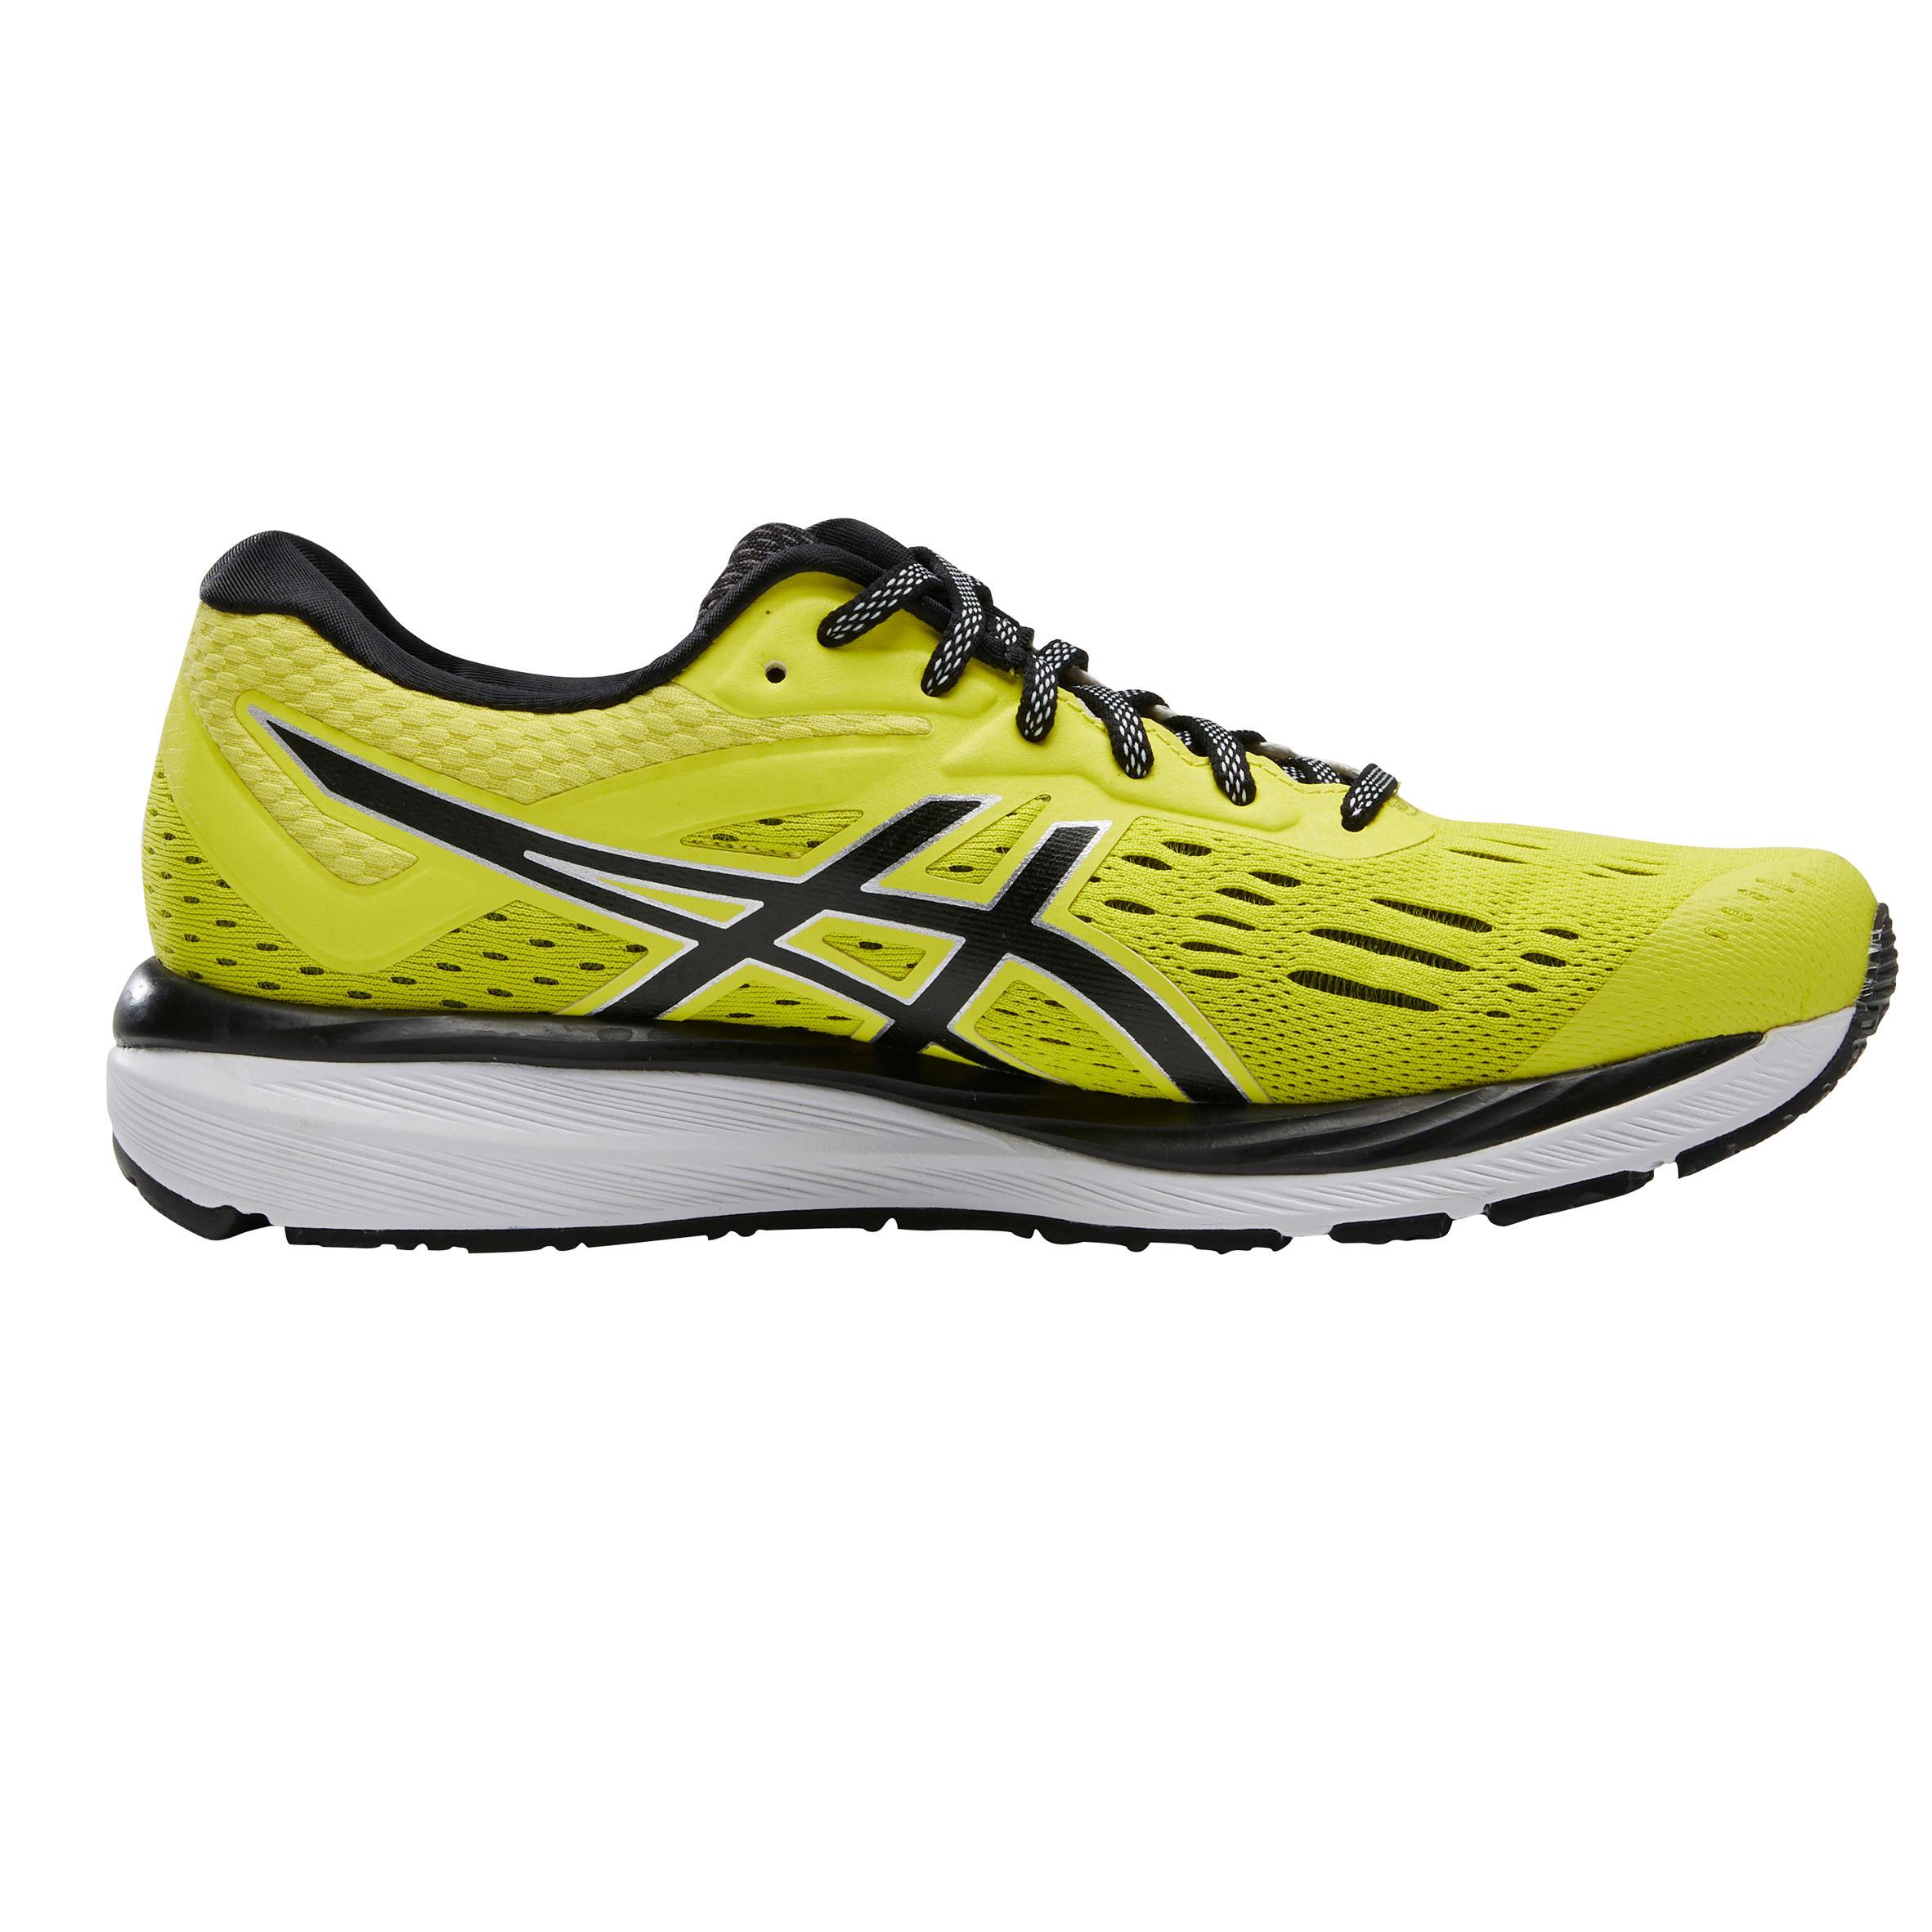 f0443c5ca Comprar zapatillas de running para correr hombre